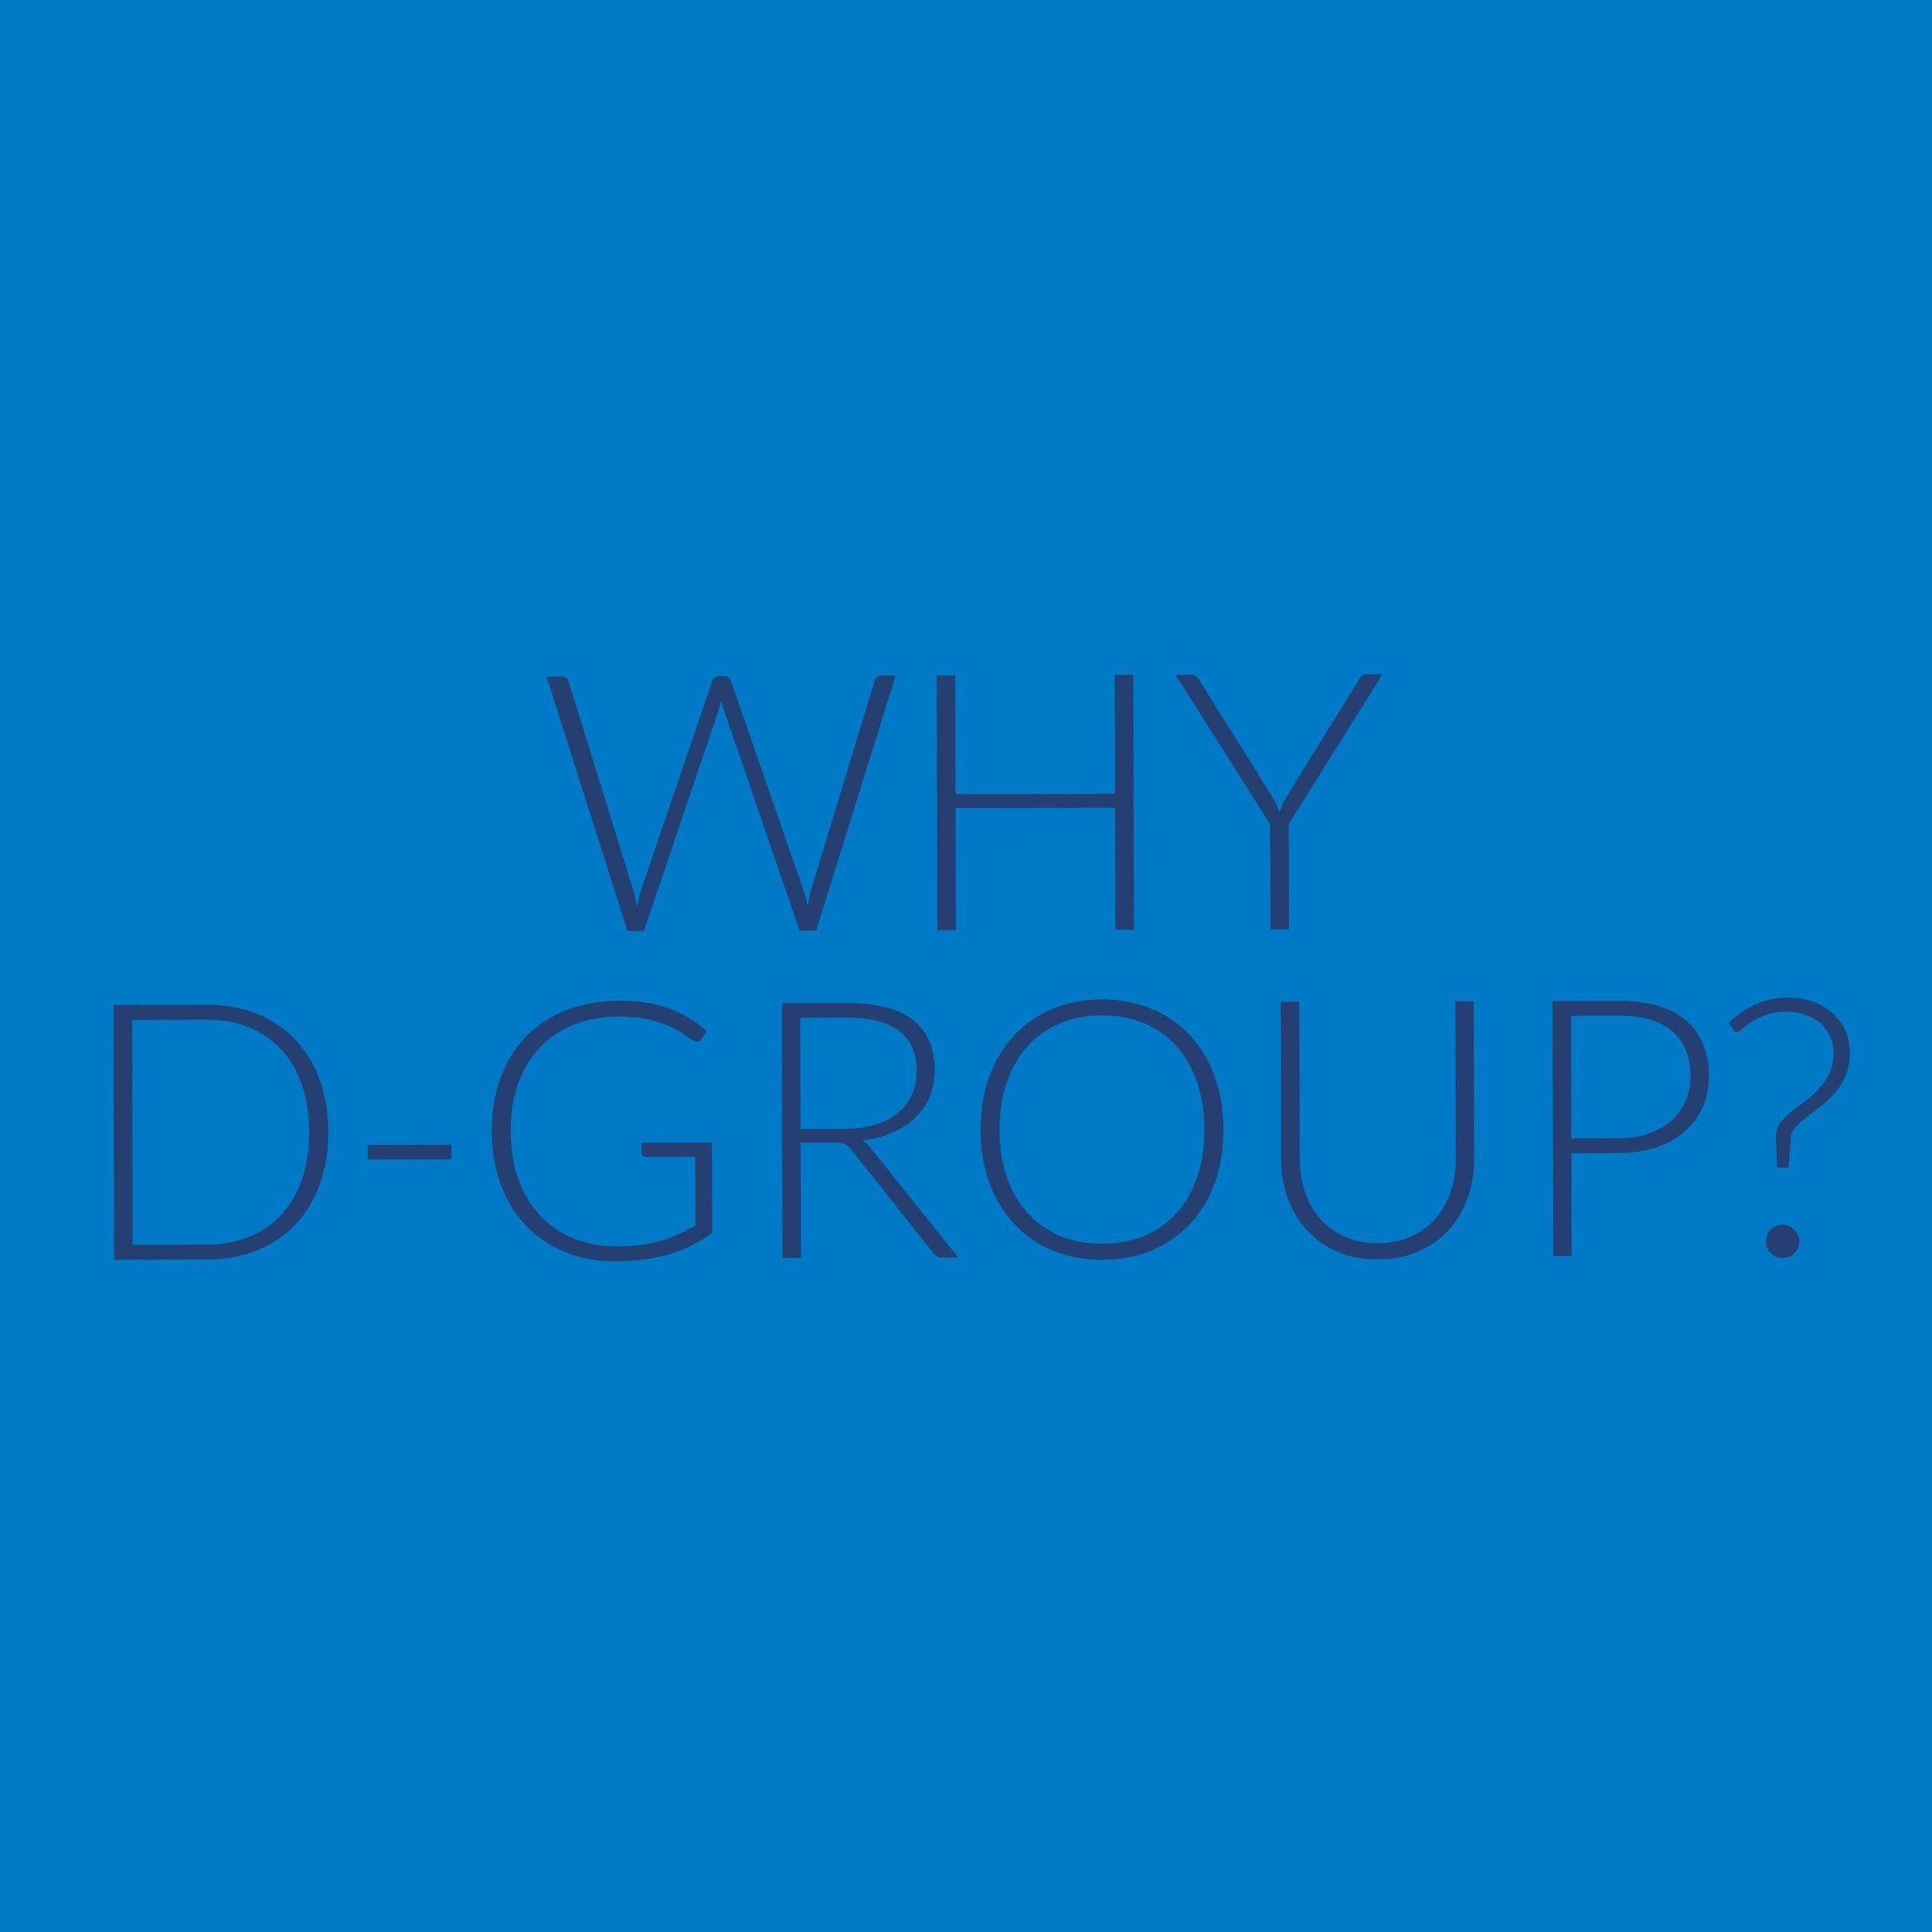 DGroup Company logo, Faith, Logos